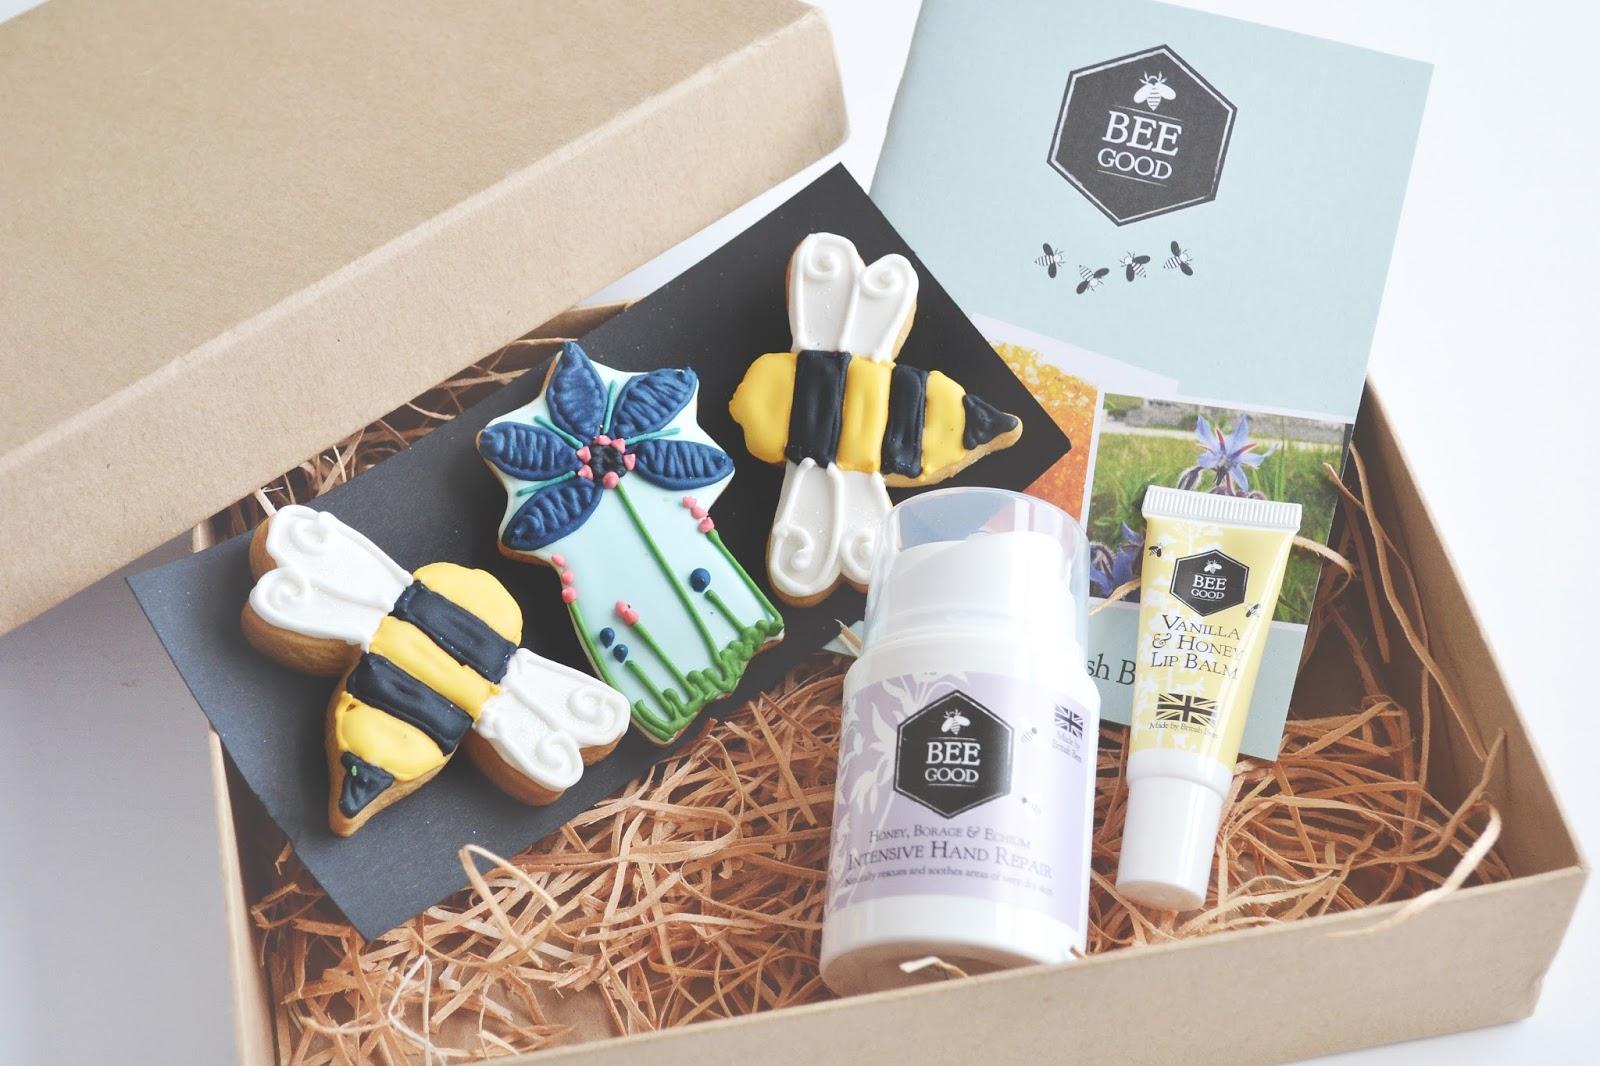 Bee good gift set